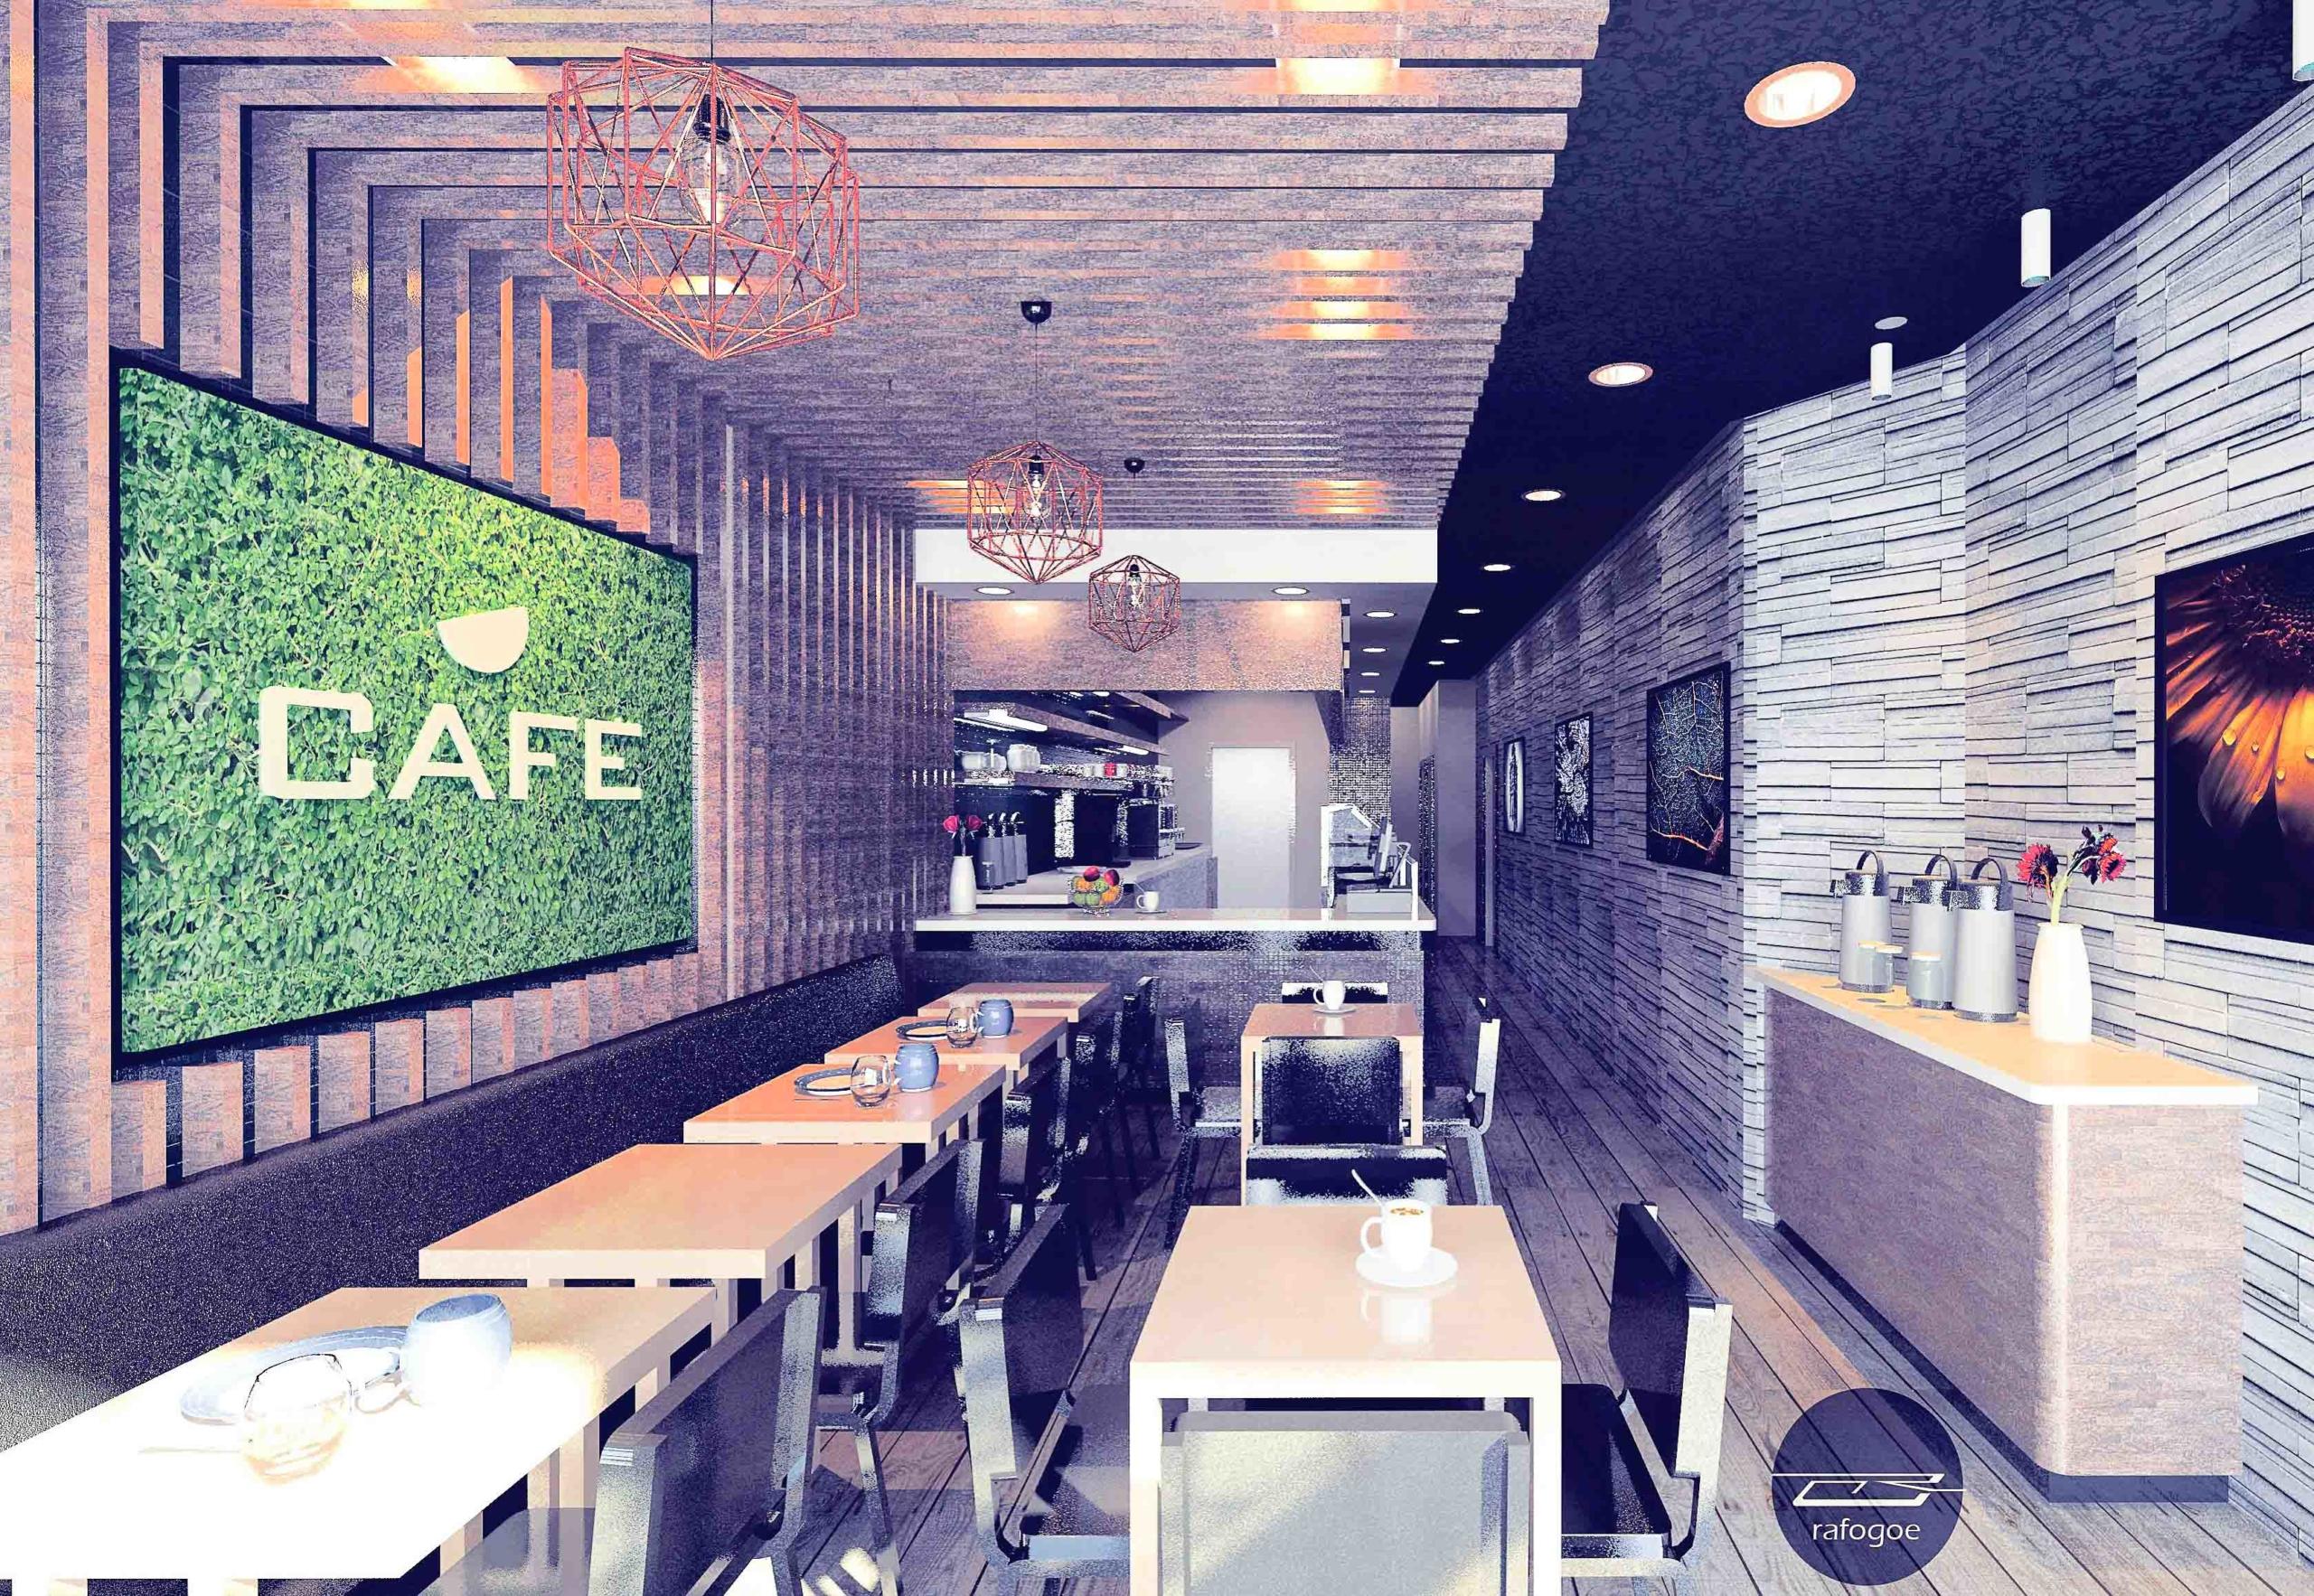 Bruckner Blvd Cafe